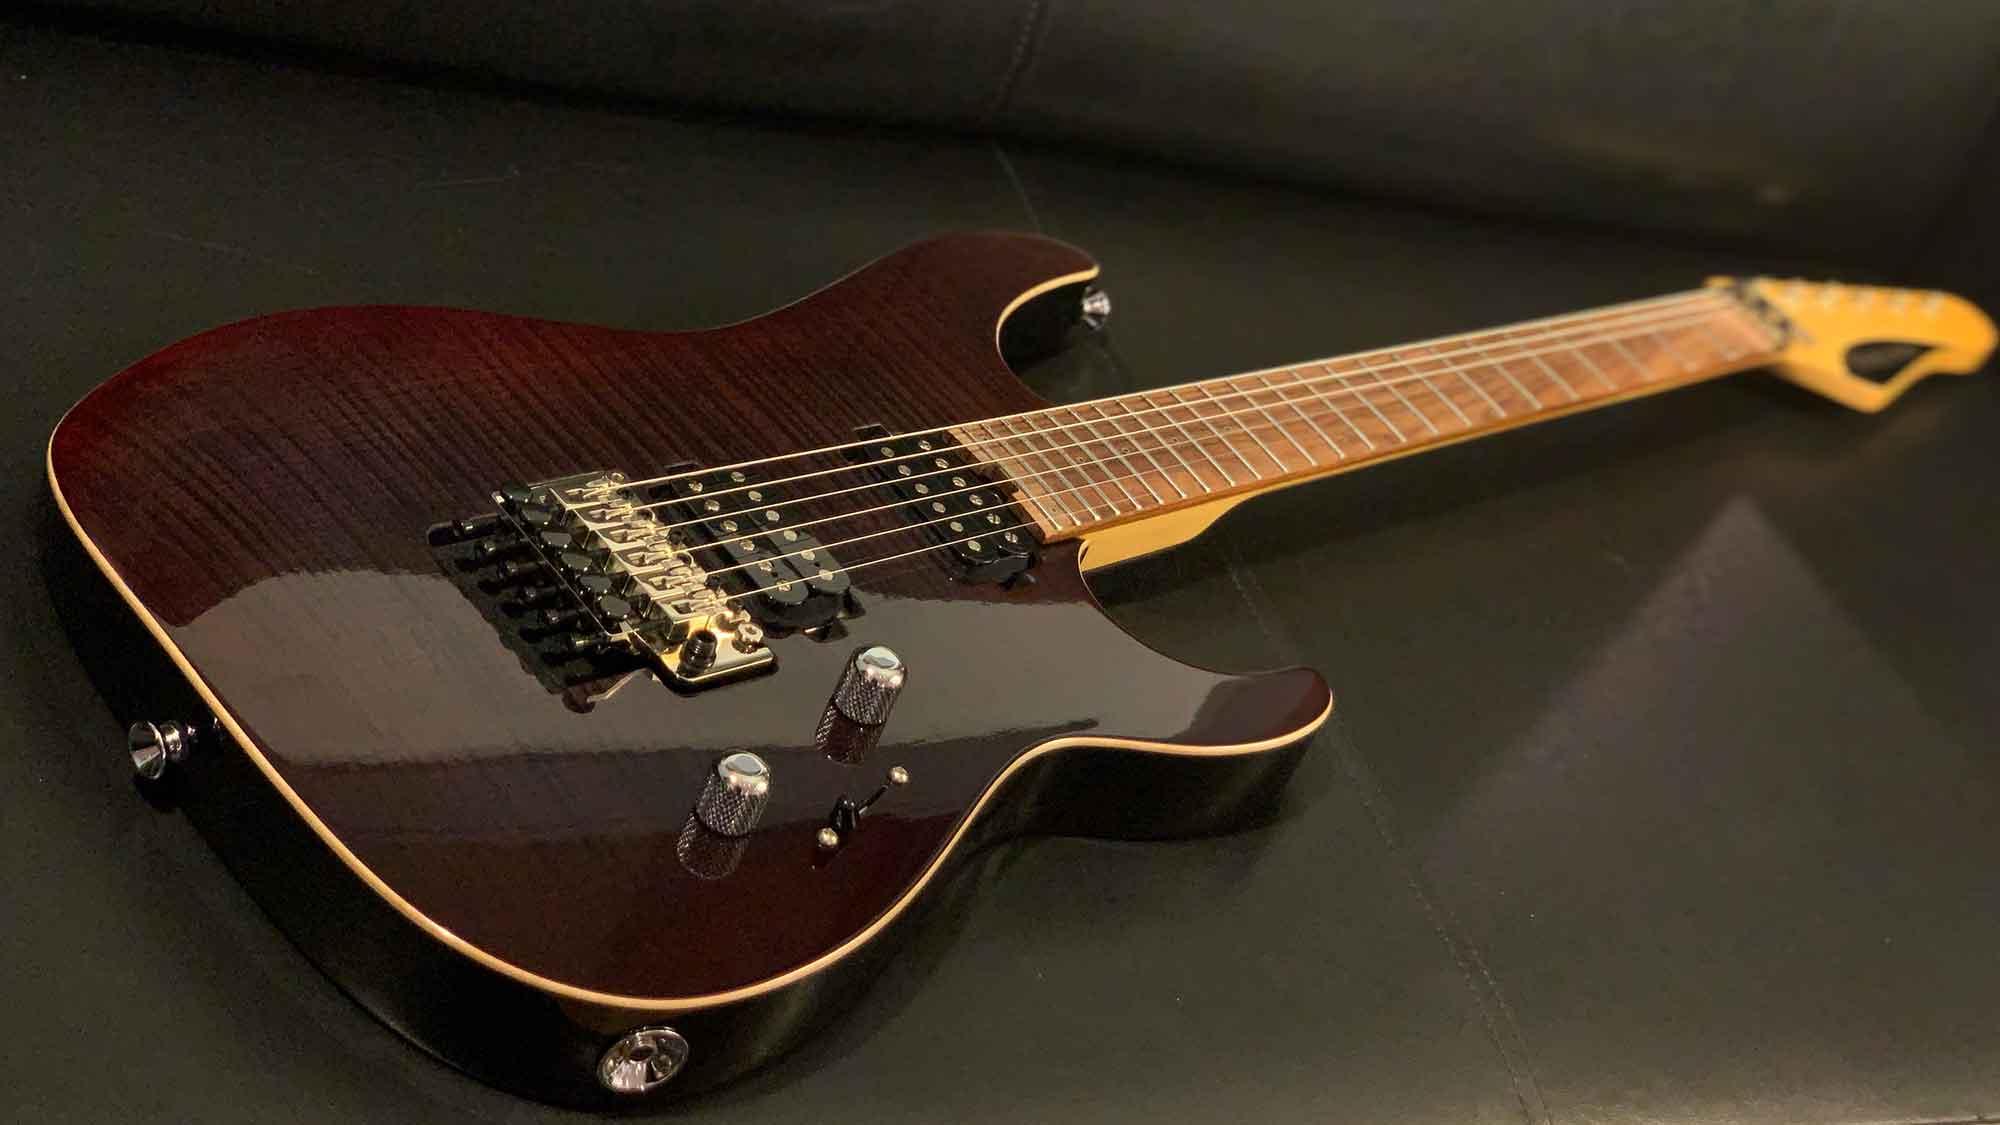 גיטרה חשמלית Friedman NoHo 24, Black Cherry Burst Trans